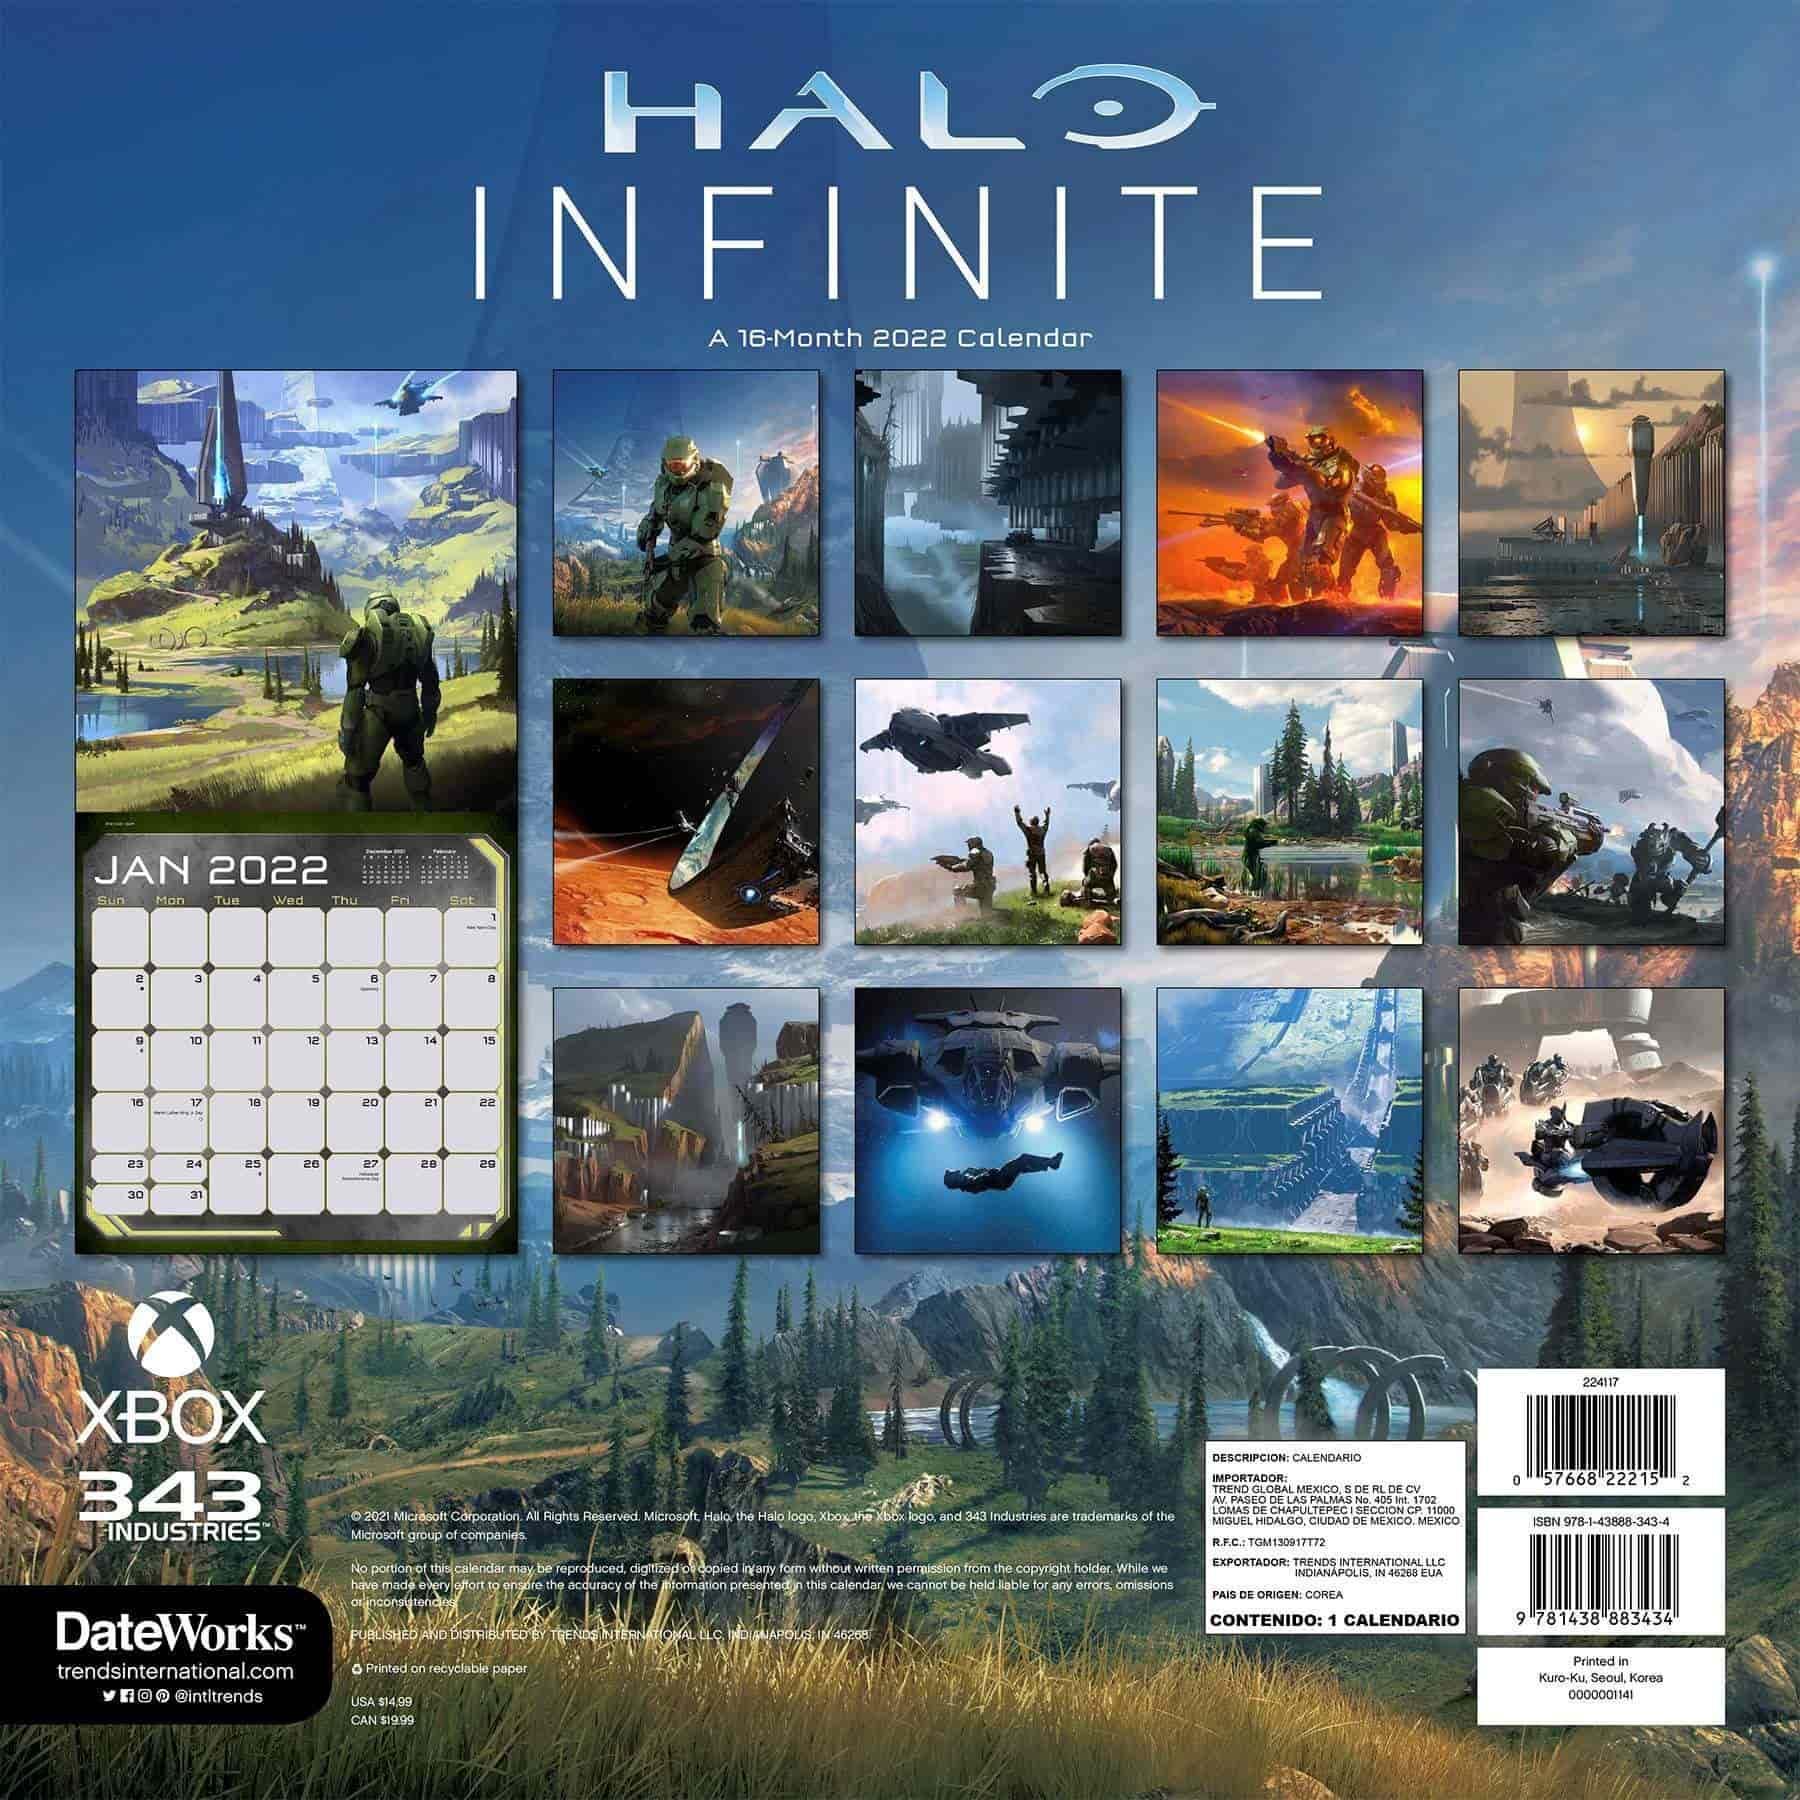 El calendario de Halo Infinite 2022 revela imágenes nunca antes vistas 1